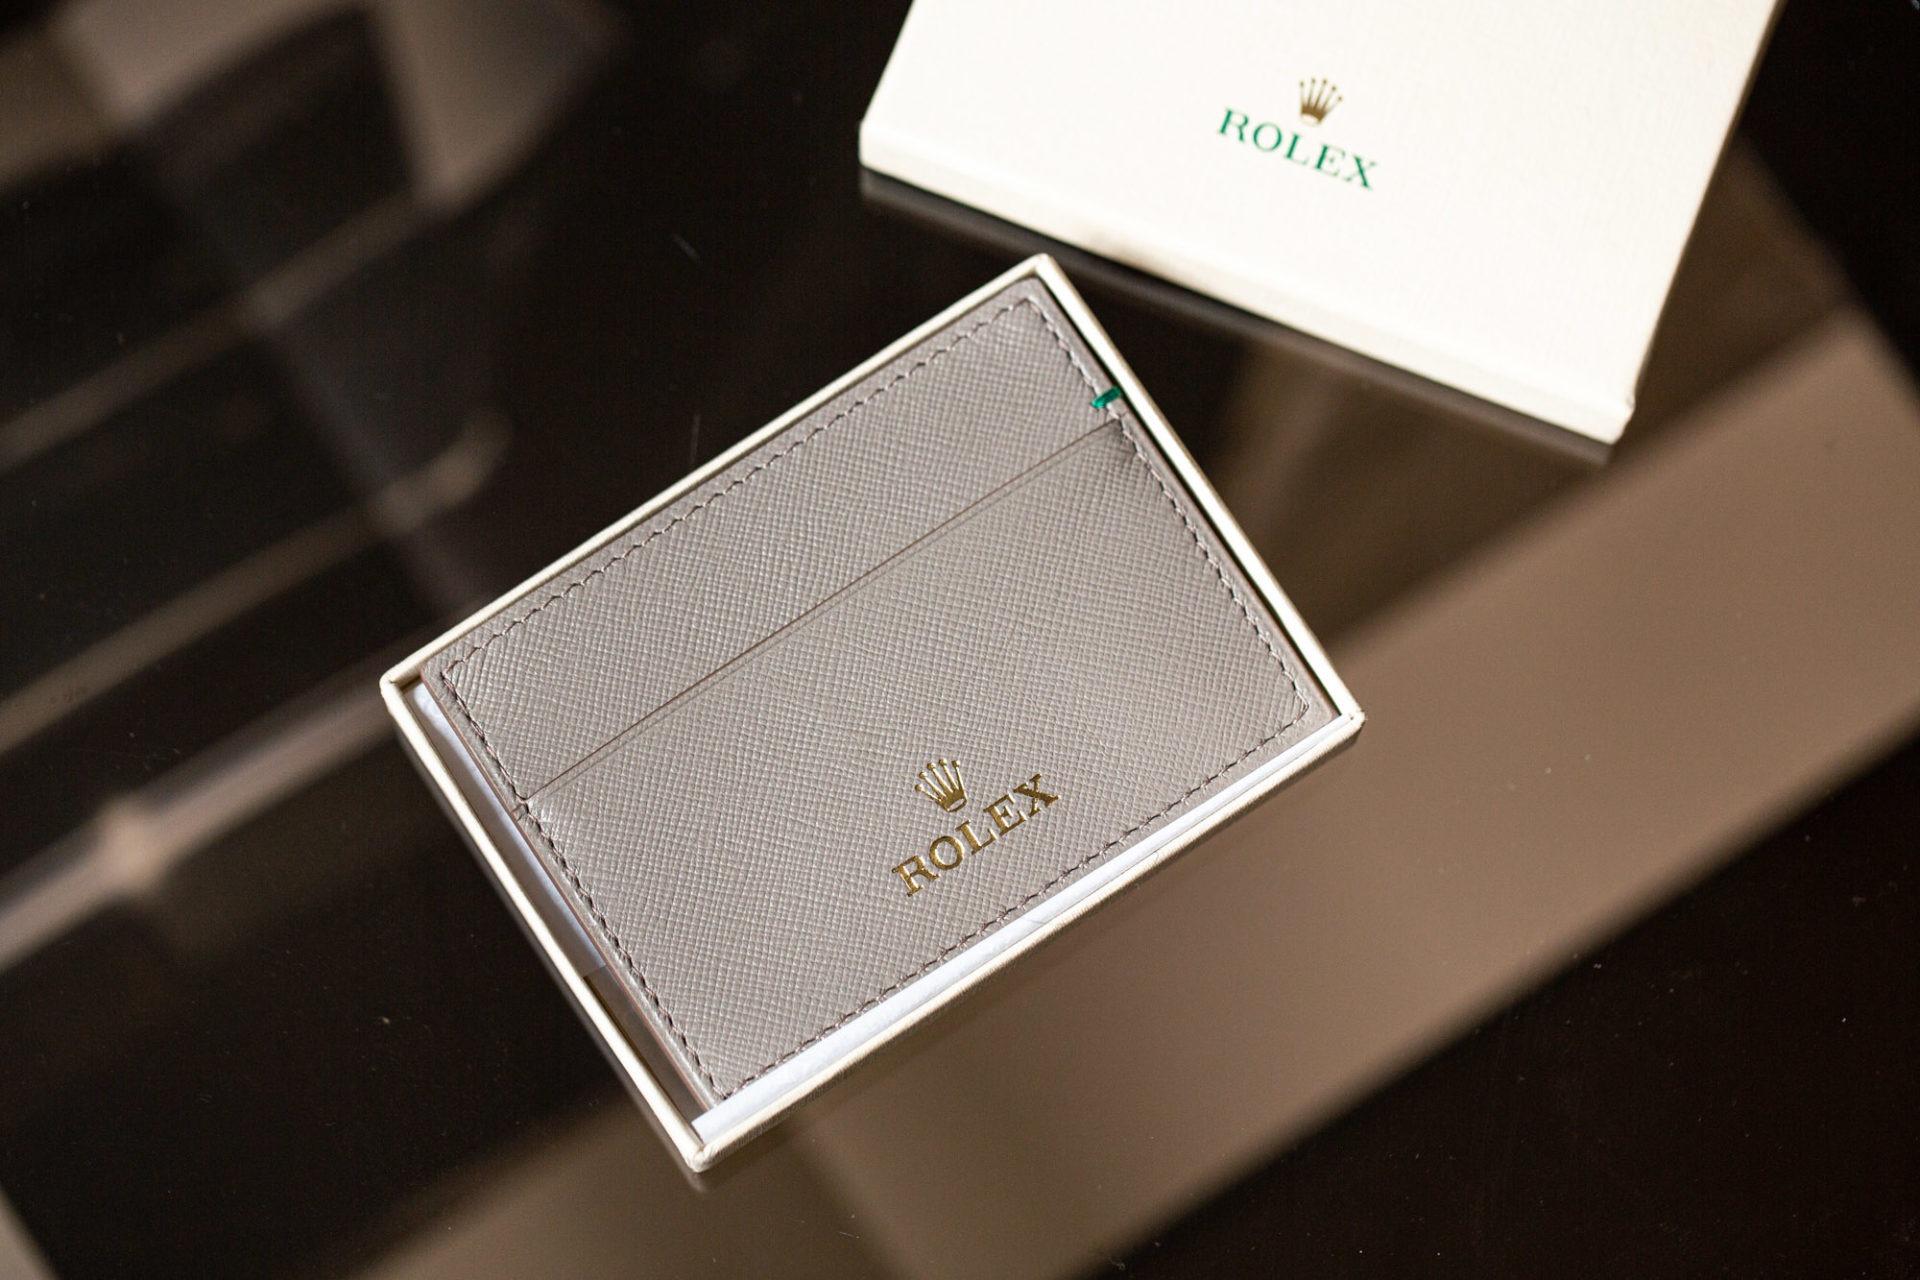 Porte-cartes Rolex - Sélection d'objets chez Joseph Bonnie